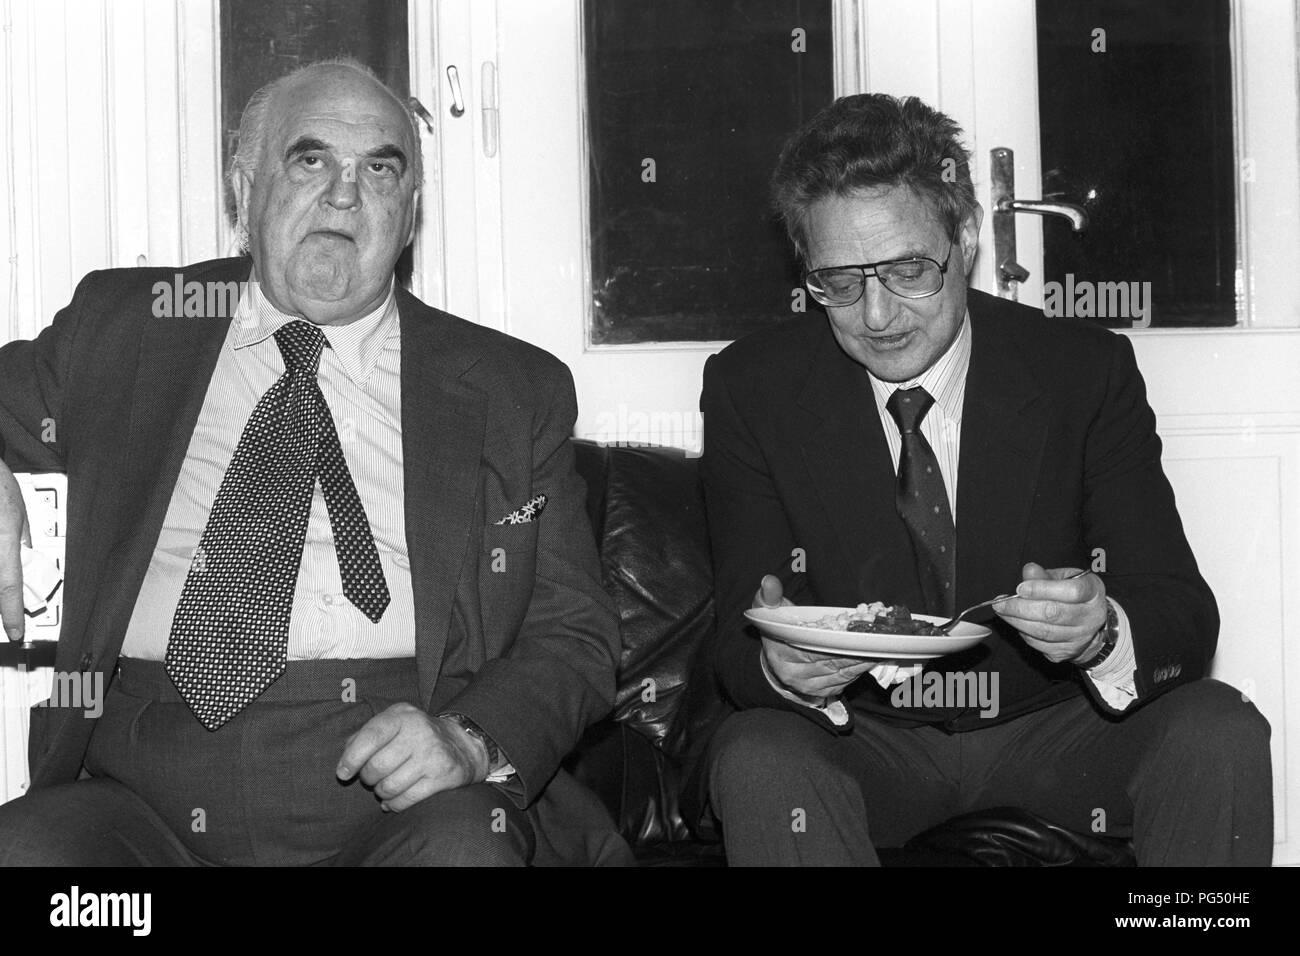 Lord George Weidenfeld (sinistra) e George Soros in occasione di una riunione dell'IWM (Institut fuer die Wissenschaft vom Menschen, Inglese: Istituto per le scienze umane) di Vienna. Weidenfeld era un giornalista e consulente del governo israeliano. Soros apparso particolarmente come un investitore. Foto Stock